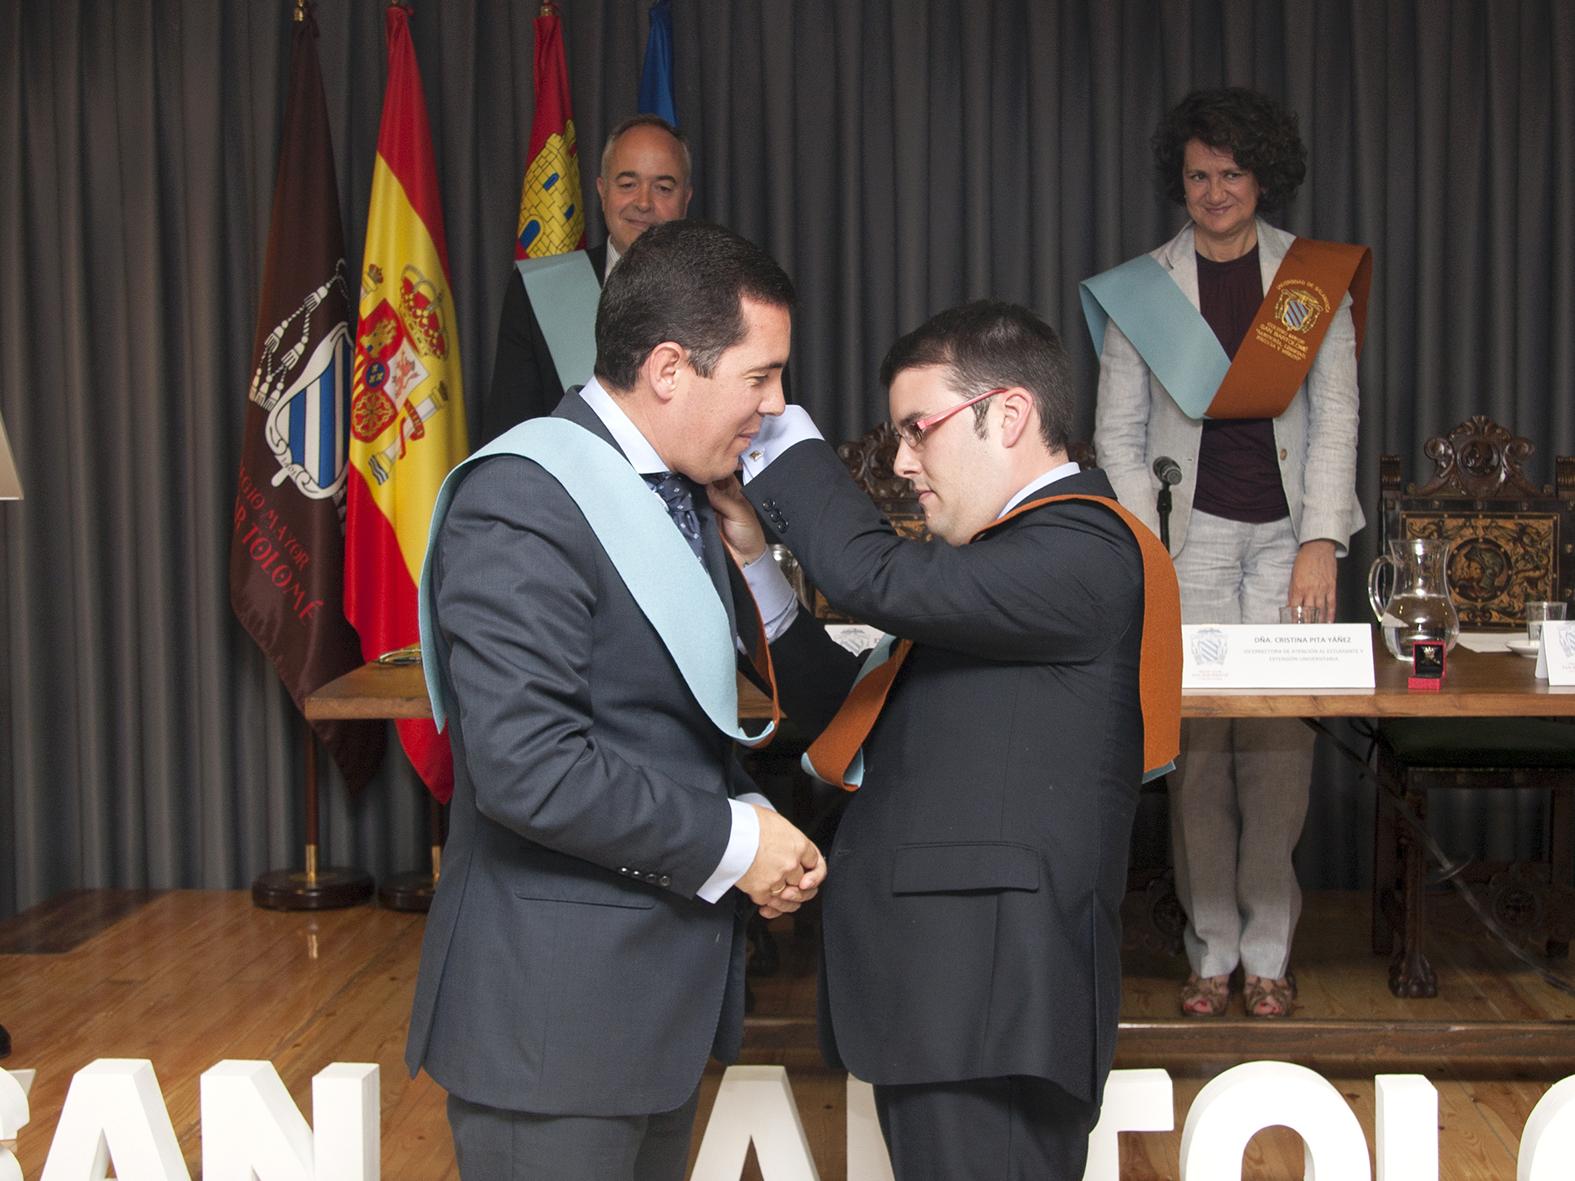 La vicerrectora de Internacionalización preside la imposición de la Insignia de Oro del Colegio San Bartolomé a Pedro Tomás Nevado-Batalla, consejero de Administración Pública de Extremadura y antiguo director del colegio mayor